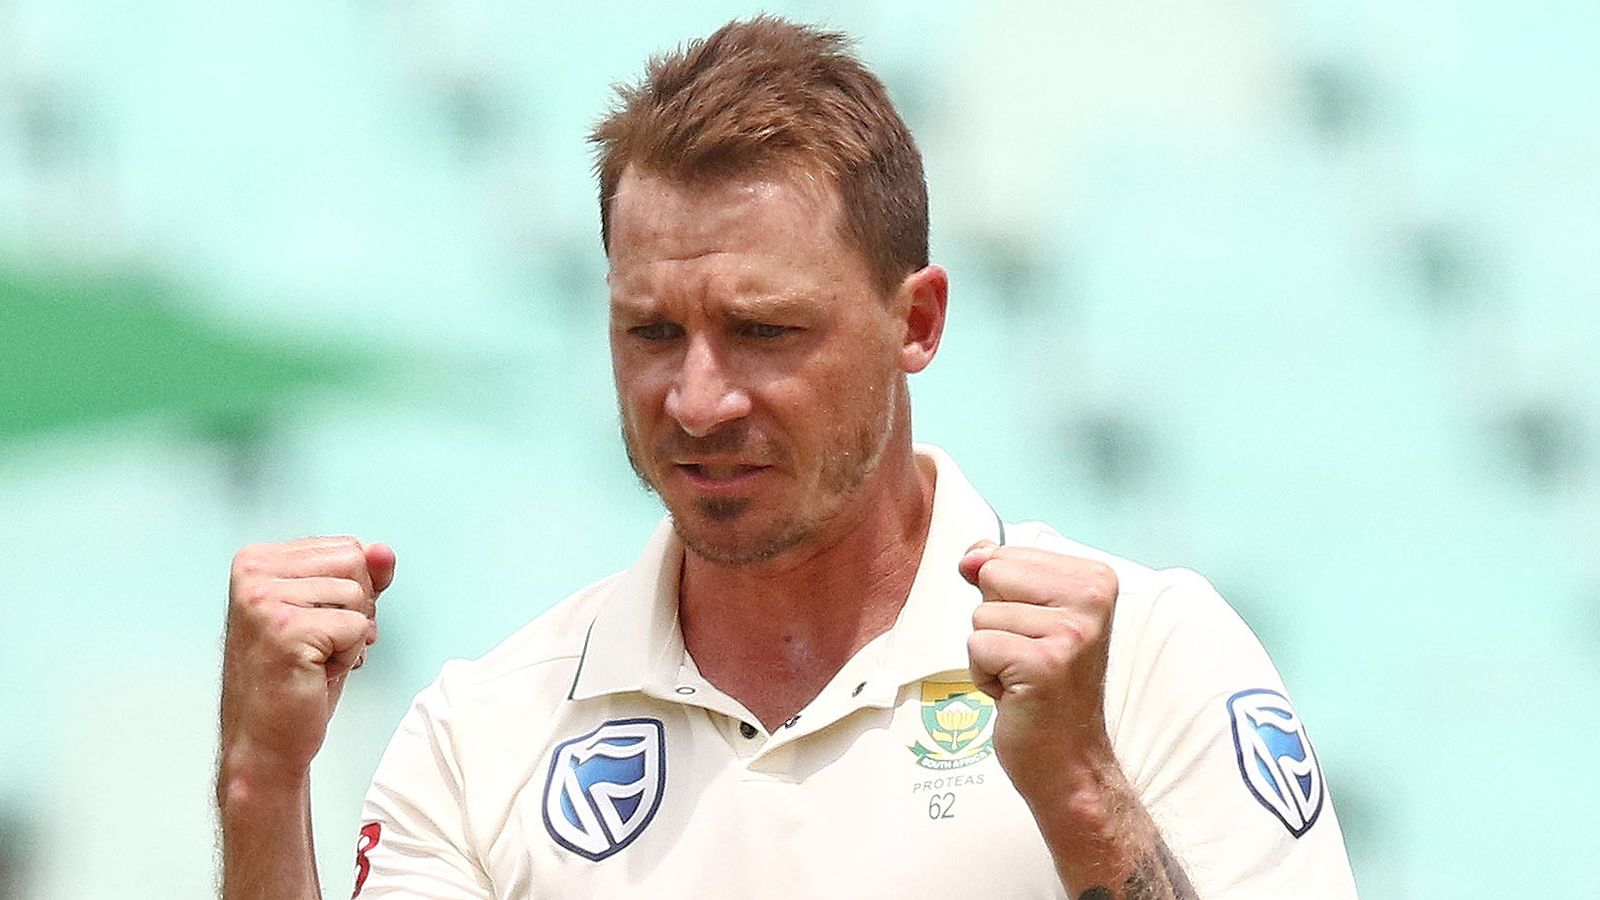 Stuart Broad, Michael Holding y Shaun Pollock hablan sobre los mejores cazadores de cricket de la historia | Noticias de Cricket 60